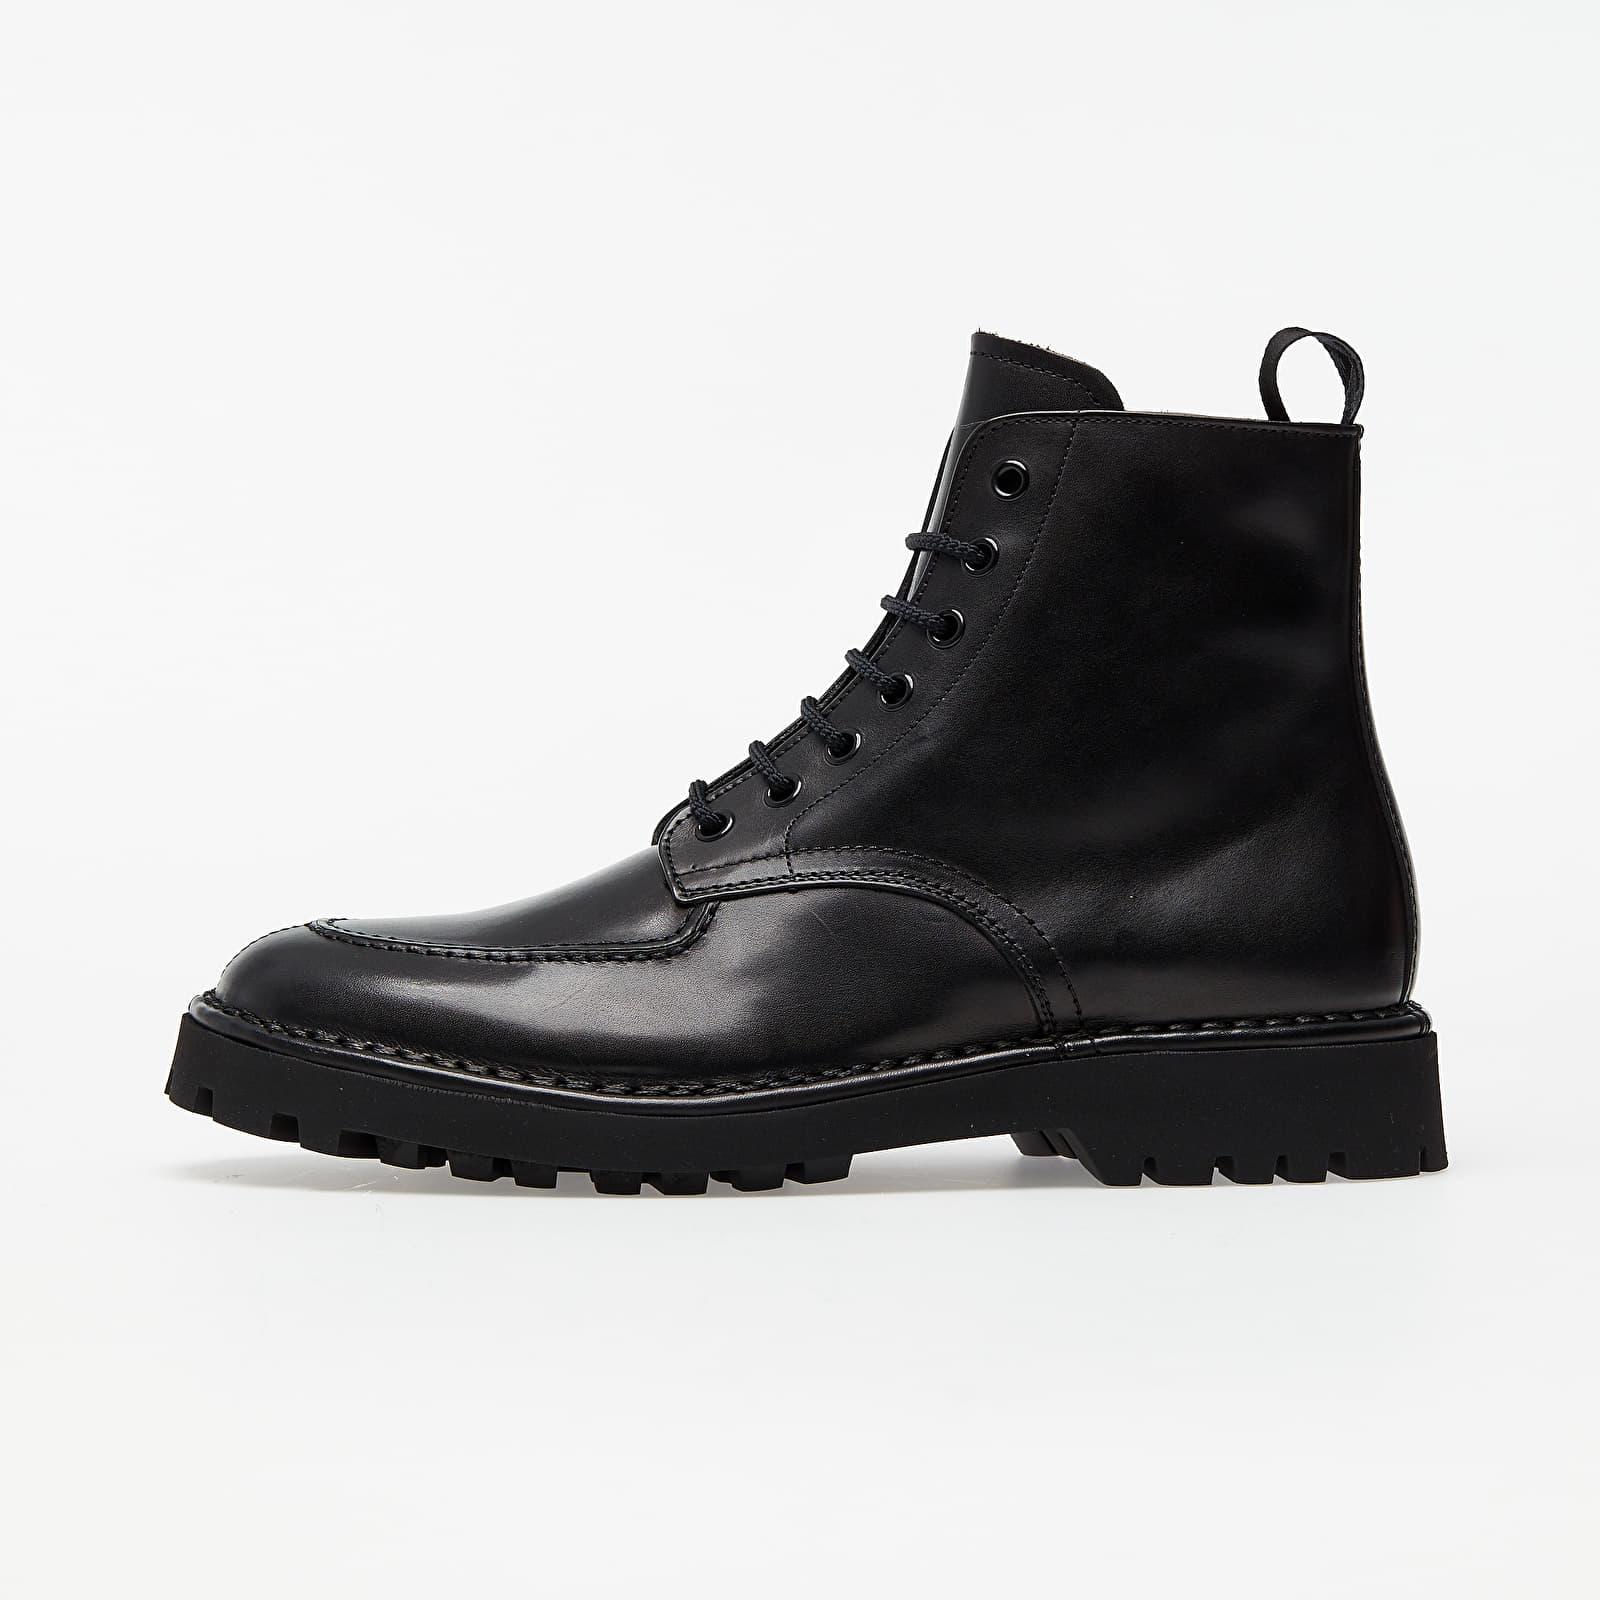 Încălțăminte și sneakerși pentru bărbați KENZO Boot Black